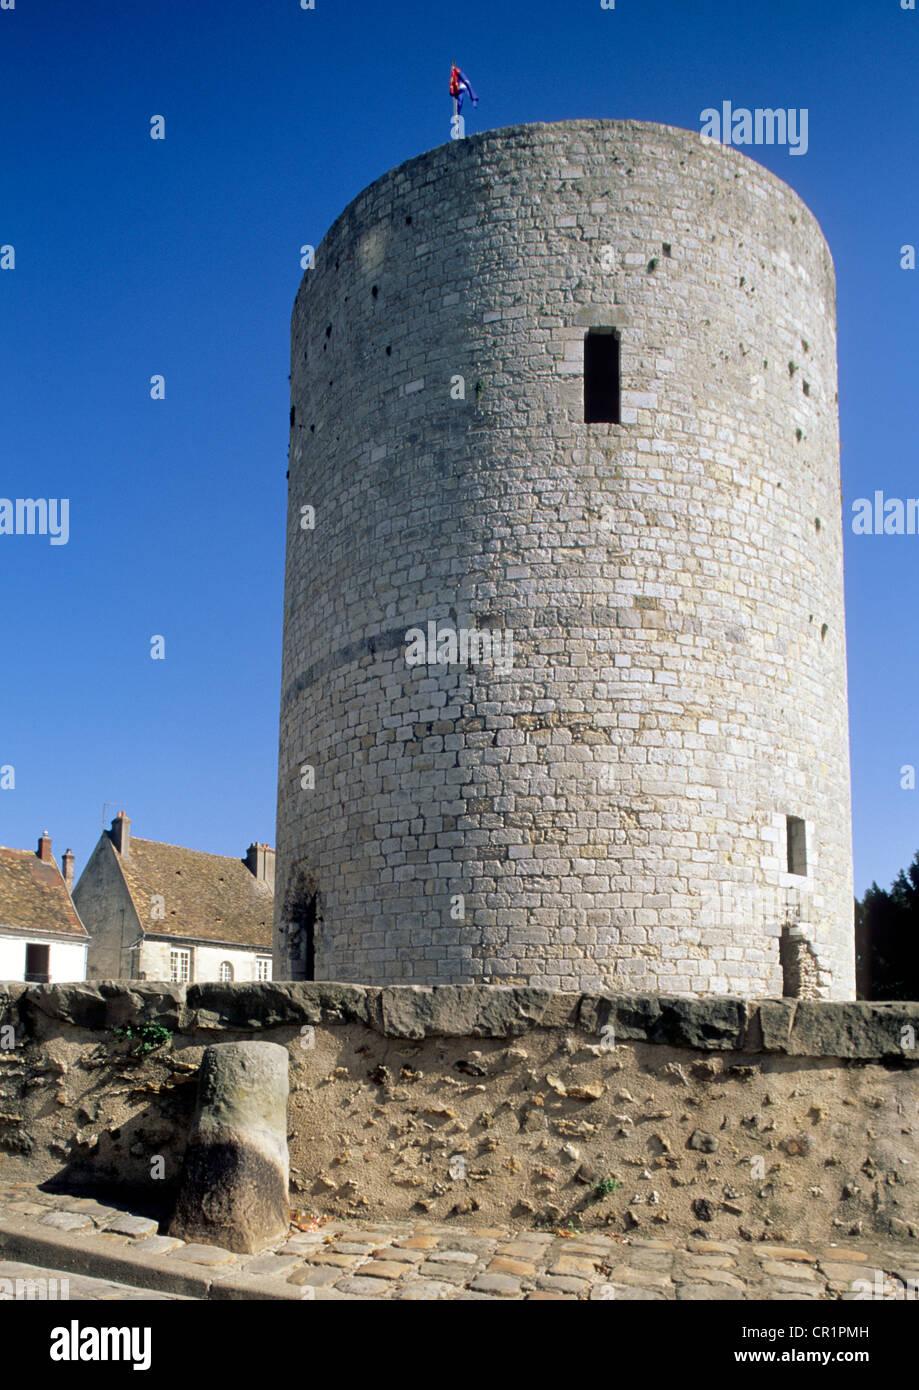 France, Essonne, Dourdan, dunjon of the castle Stock Photo